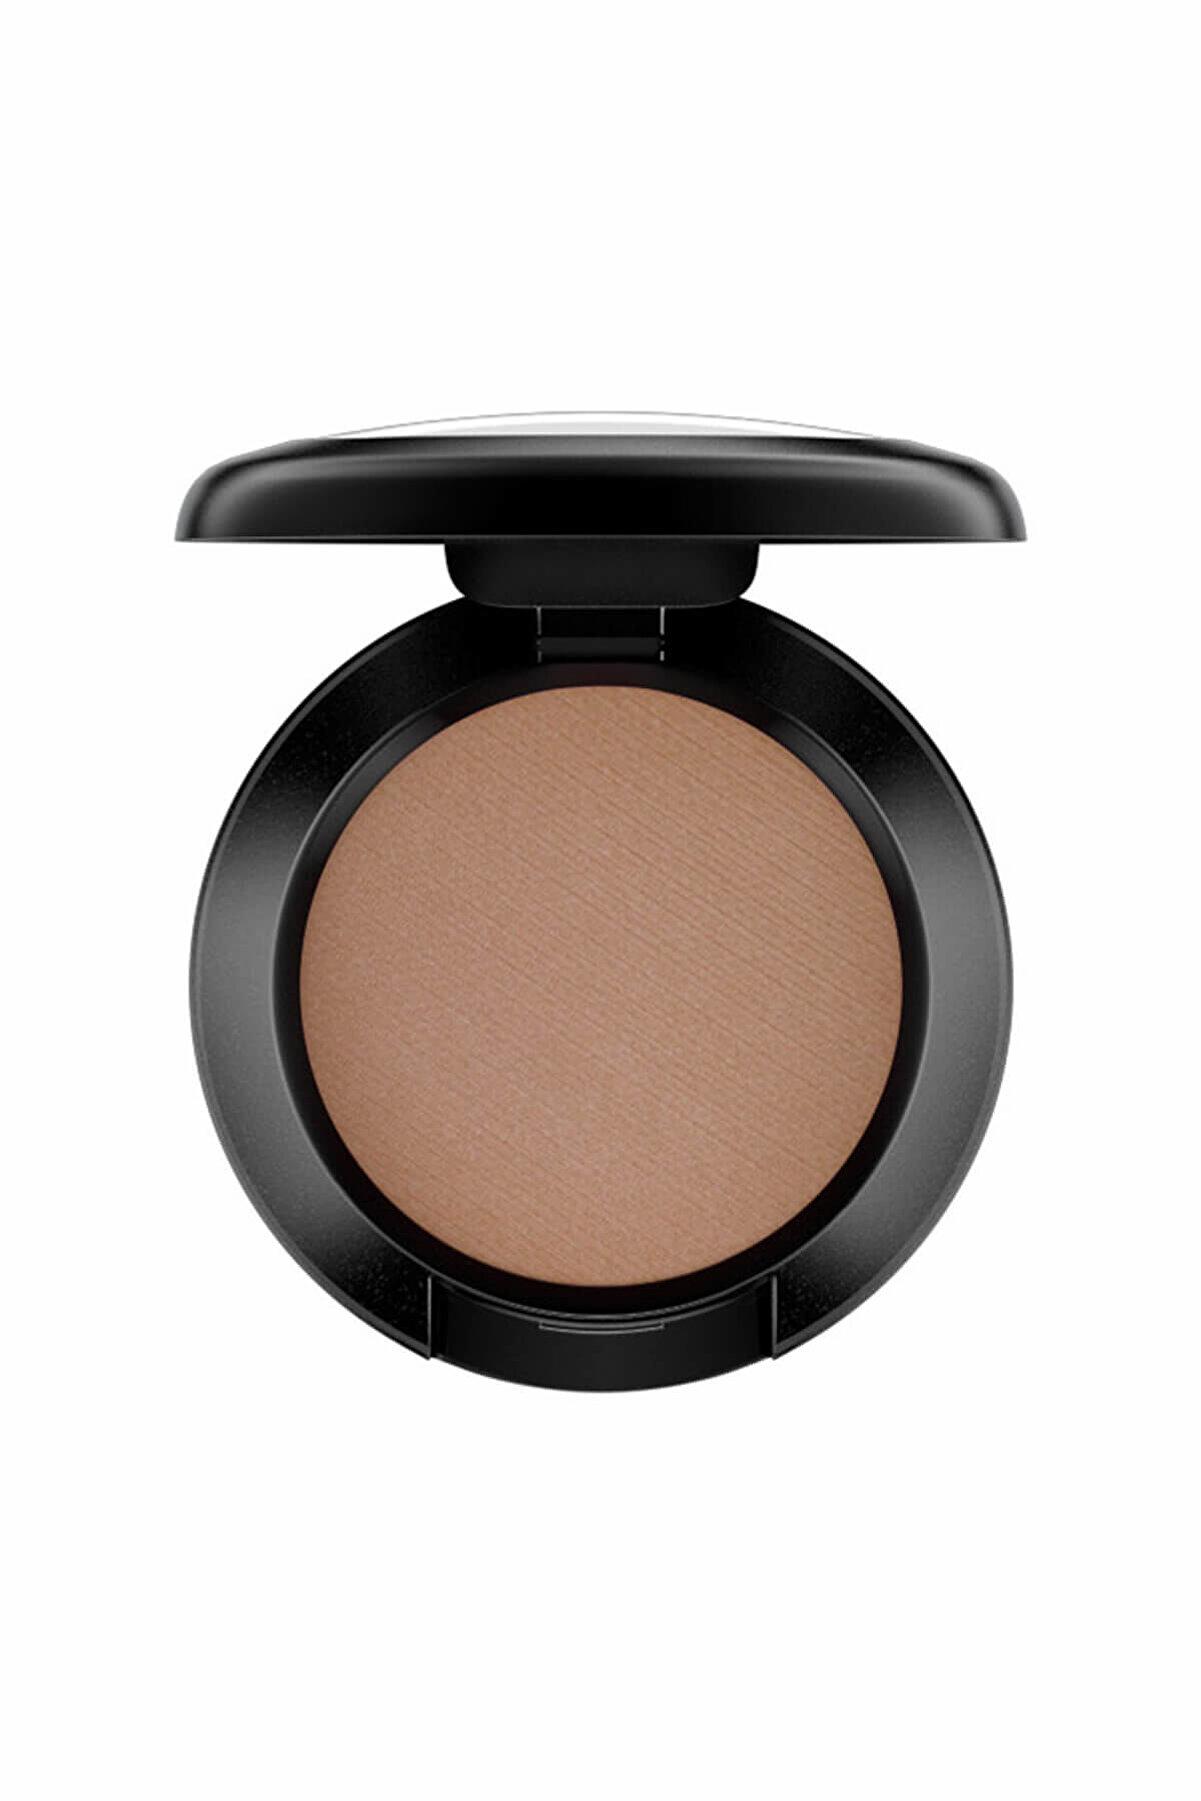 Mac Göz Farı - Eye Shadow Cork 1.5 g 773602001132